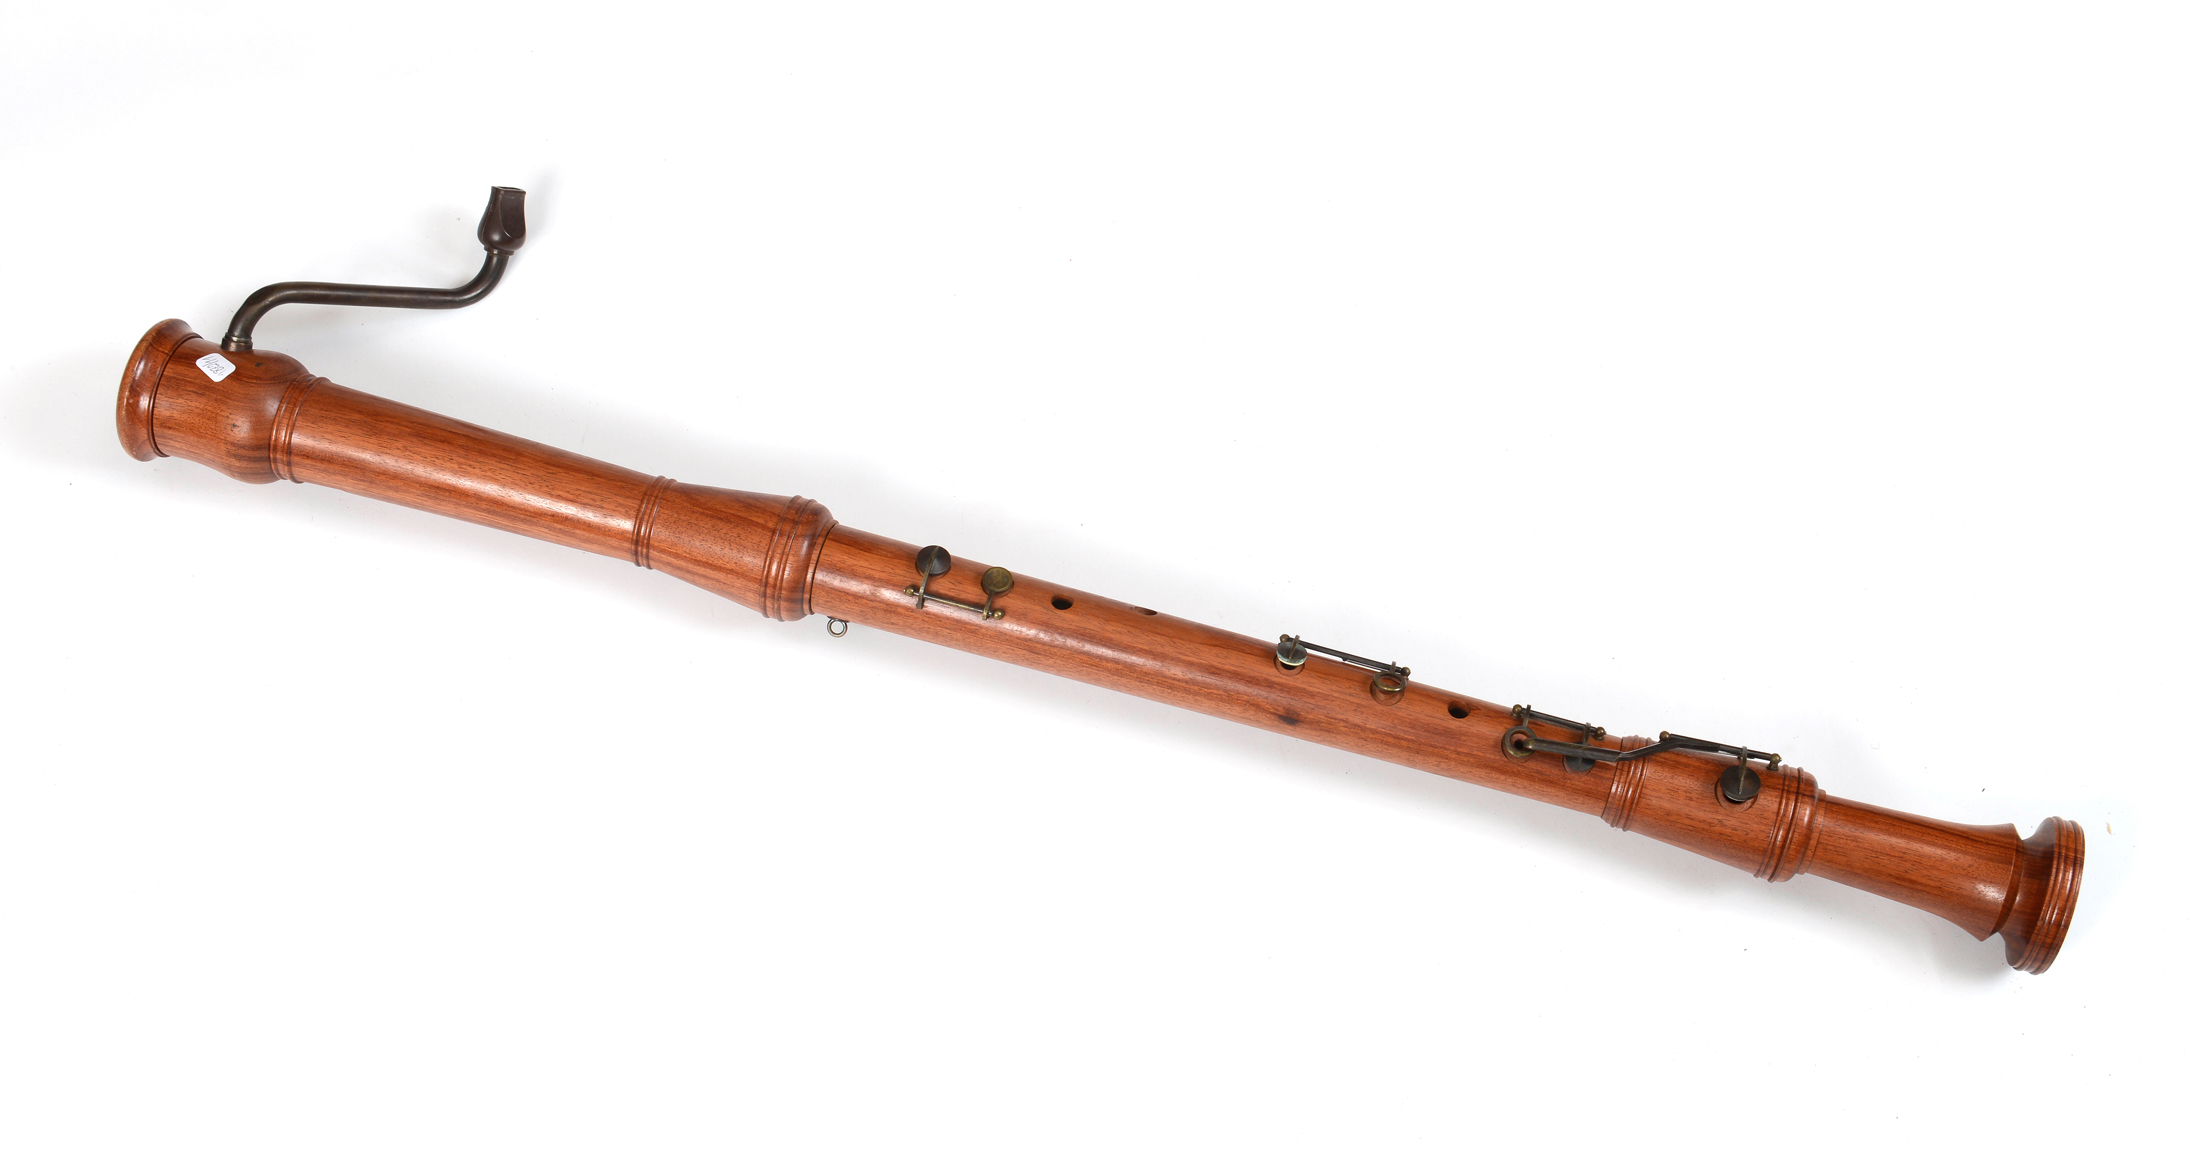 Vent Bois Fluteà bec Grande basse Apollium # Flute À Bec En Bois